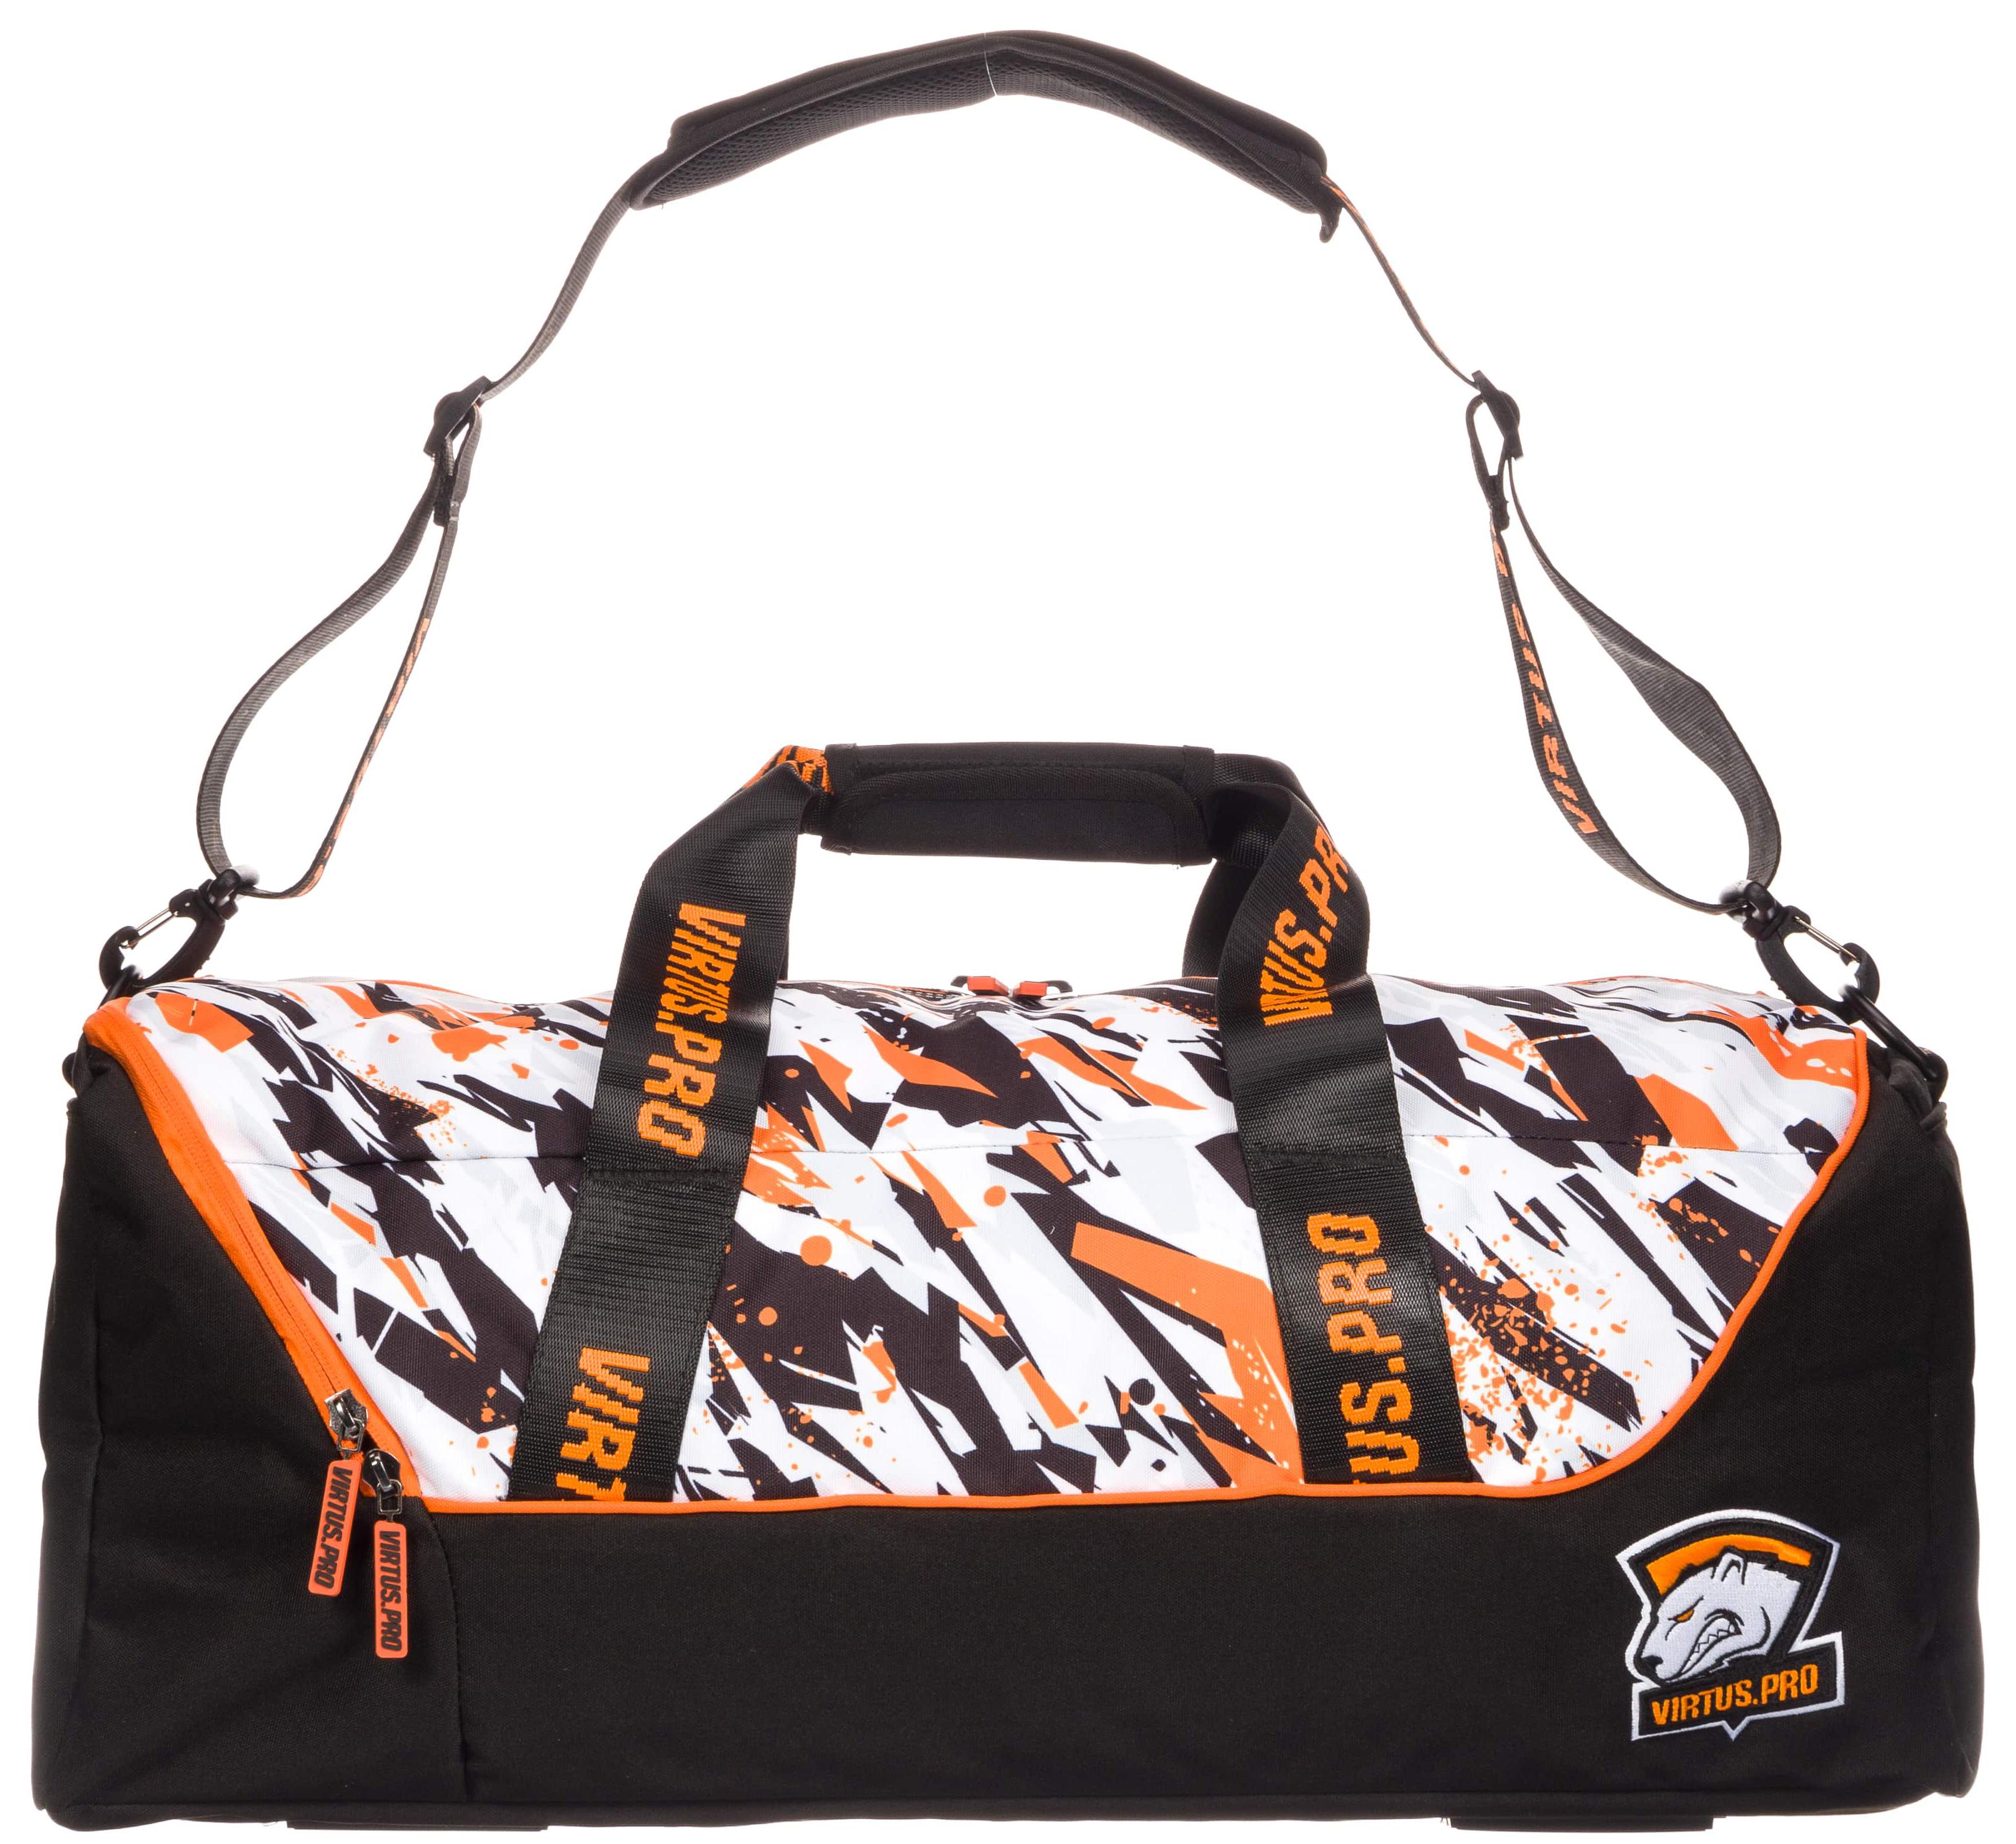 Сумка Virtus.Pro спортивная сумка для фитнеса kalenji сумка спортивная легкоатлетическая 50 л черная